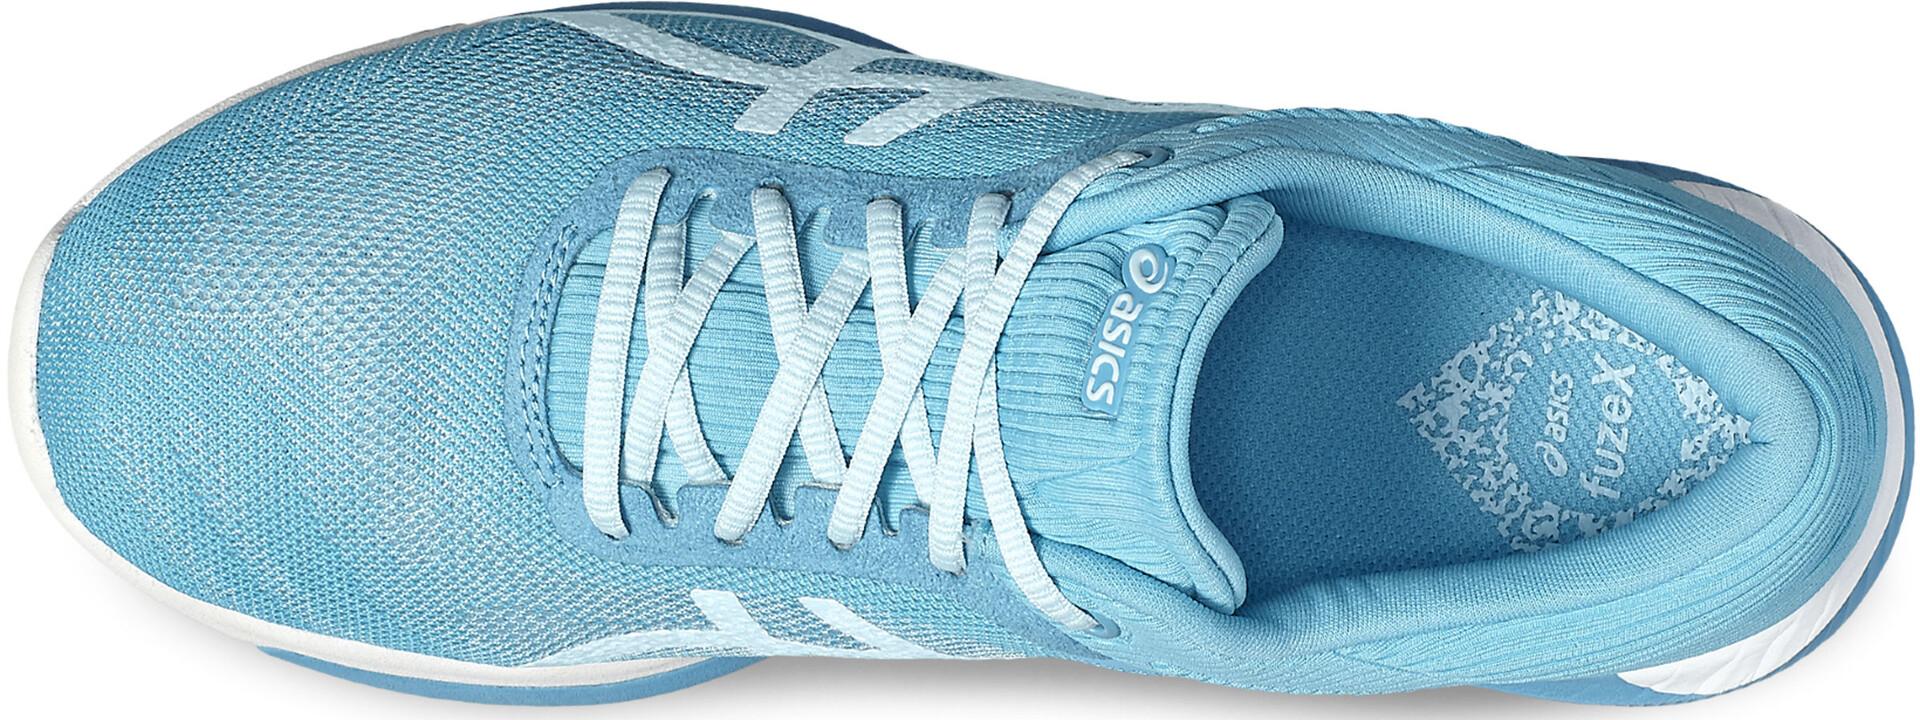 Rush Femme Asics Chaussures De Fuzex Bleu Boutique Running yv6gYfb7